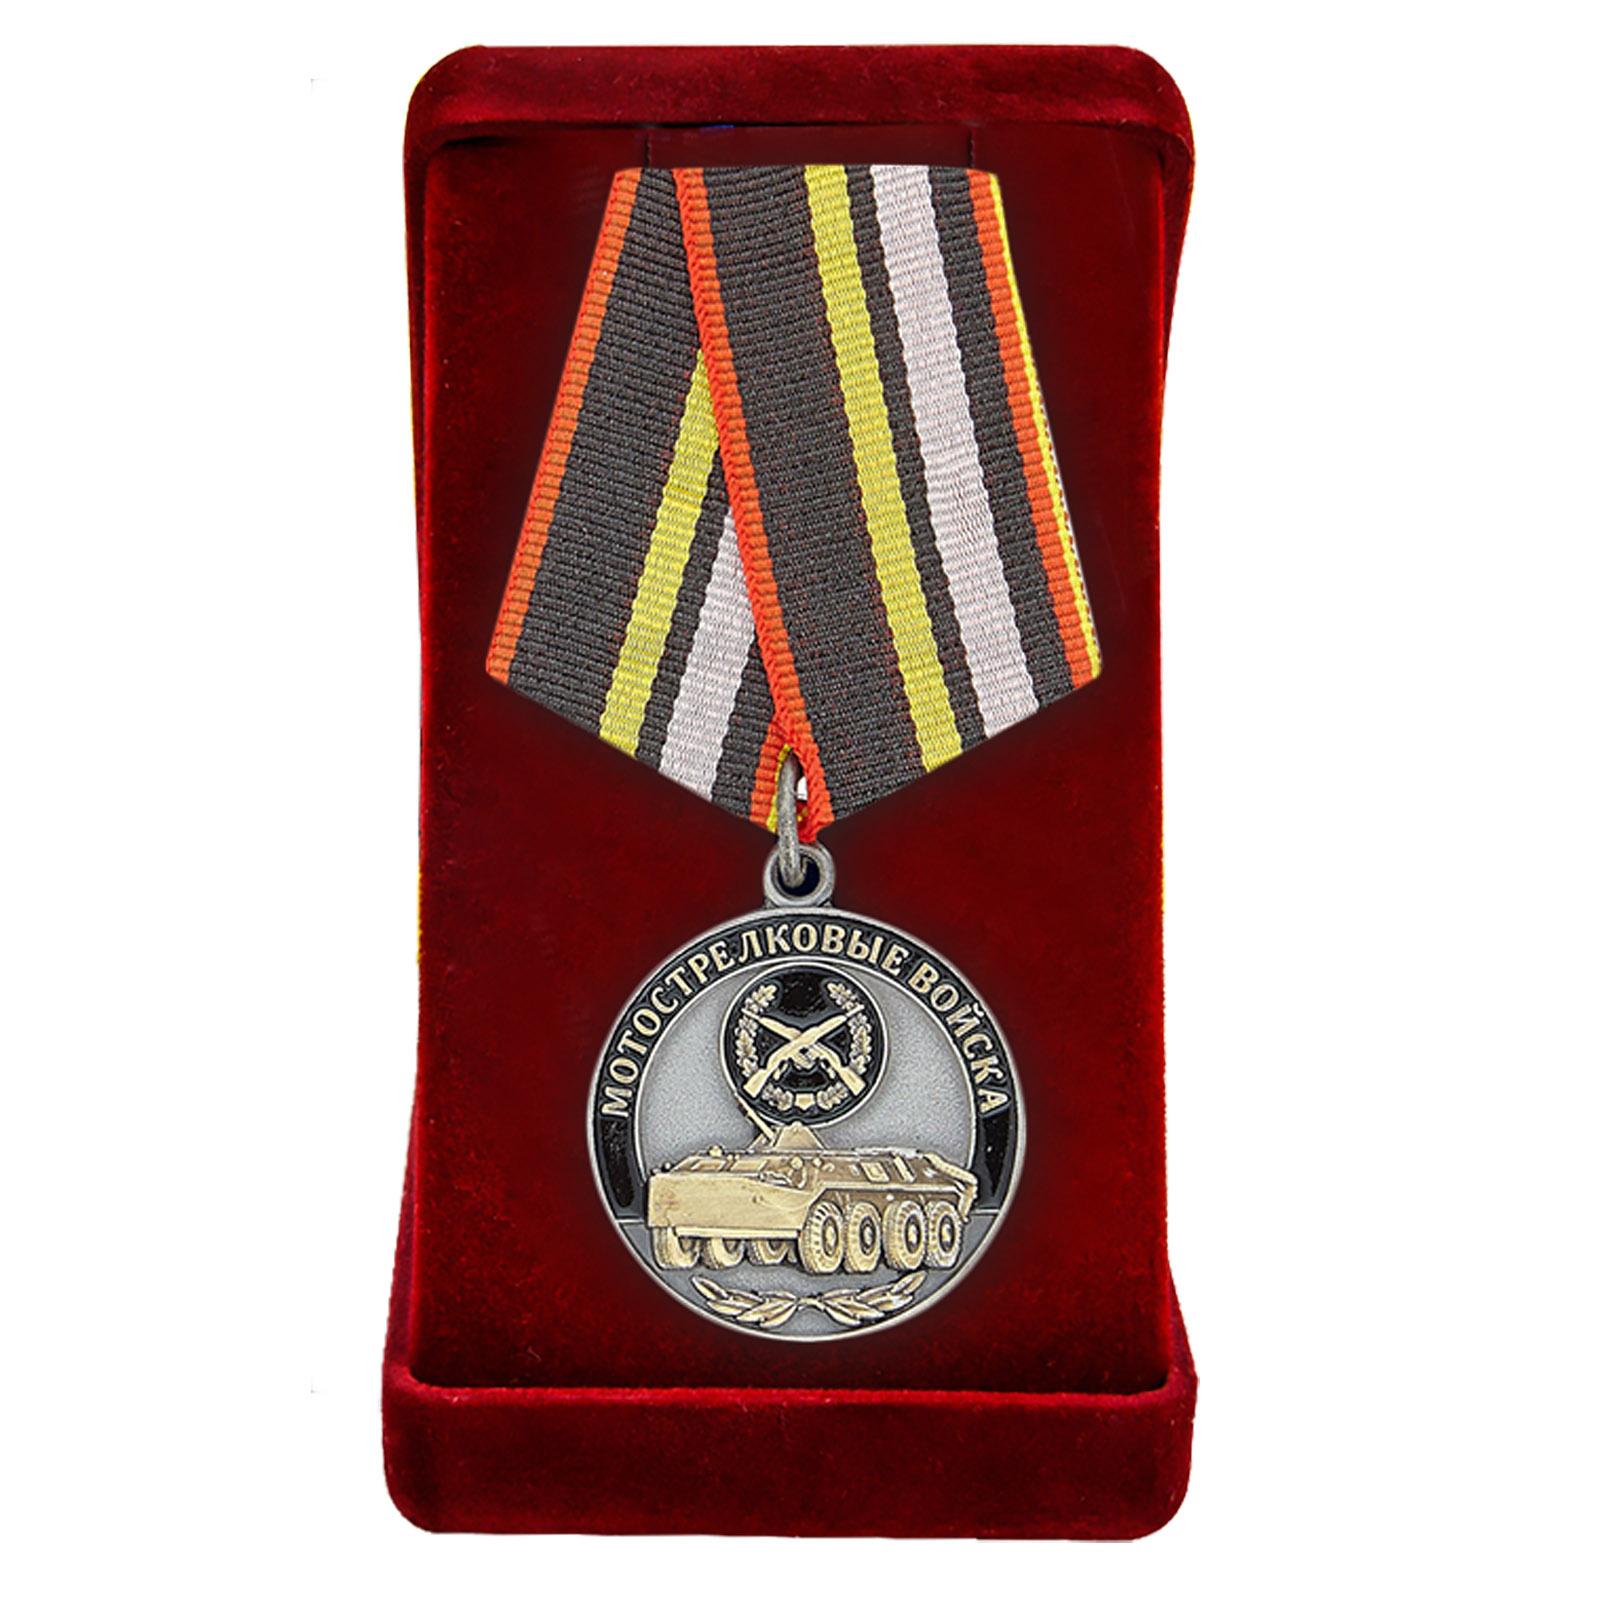 """Медаль """"Мотострелковые войска"""" в футляре"""